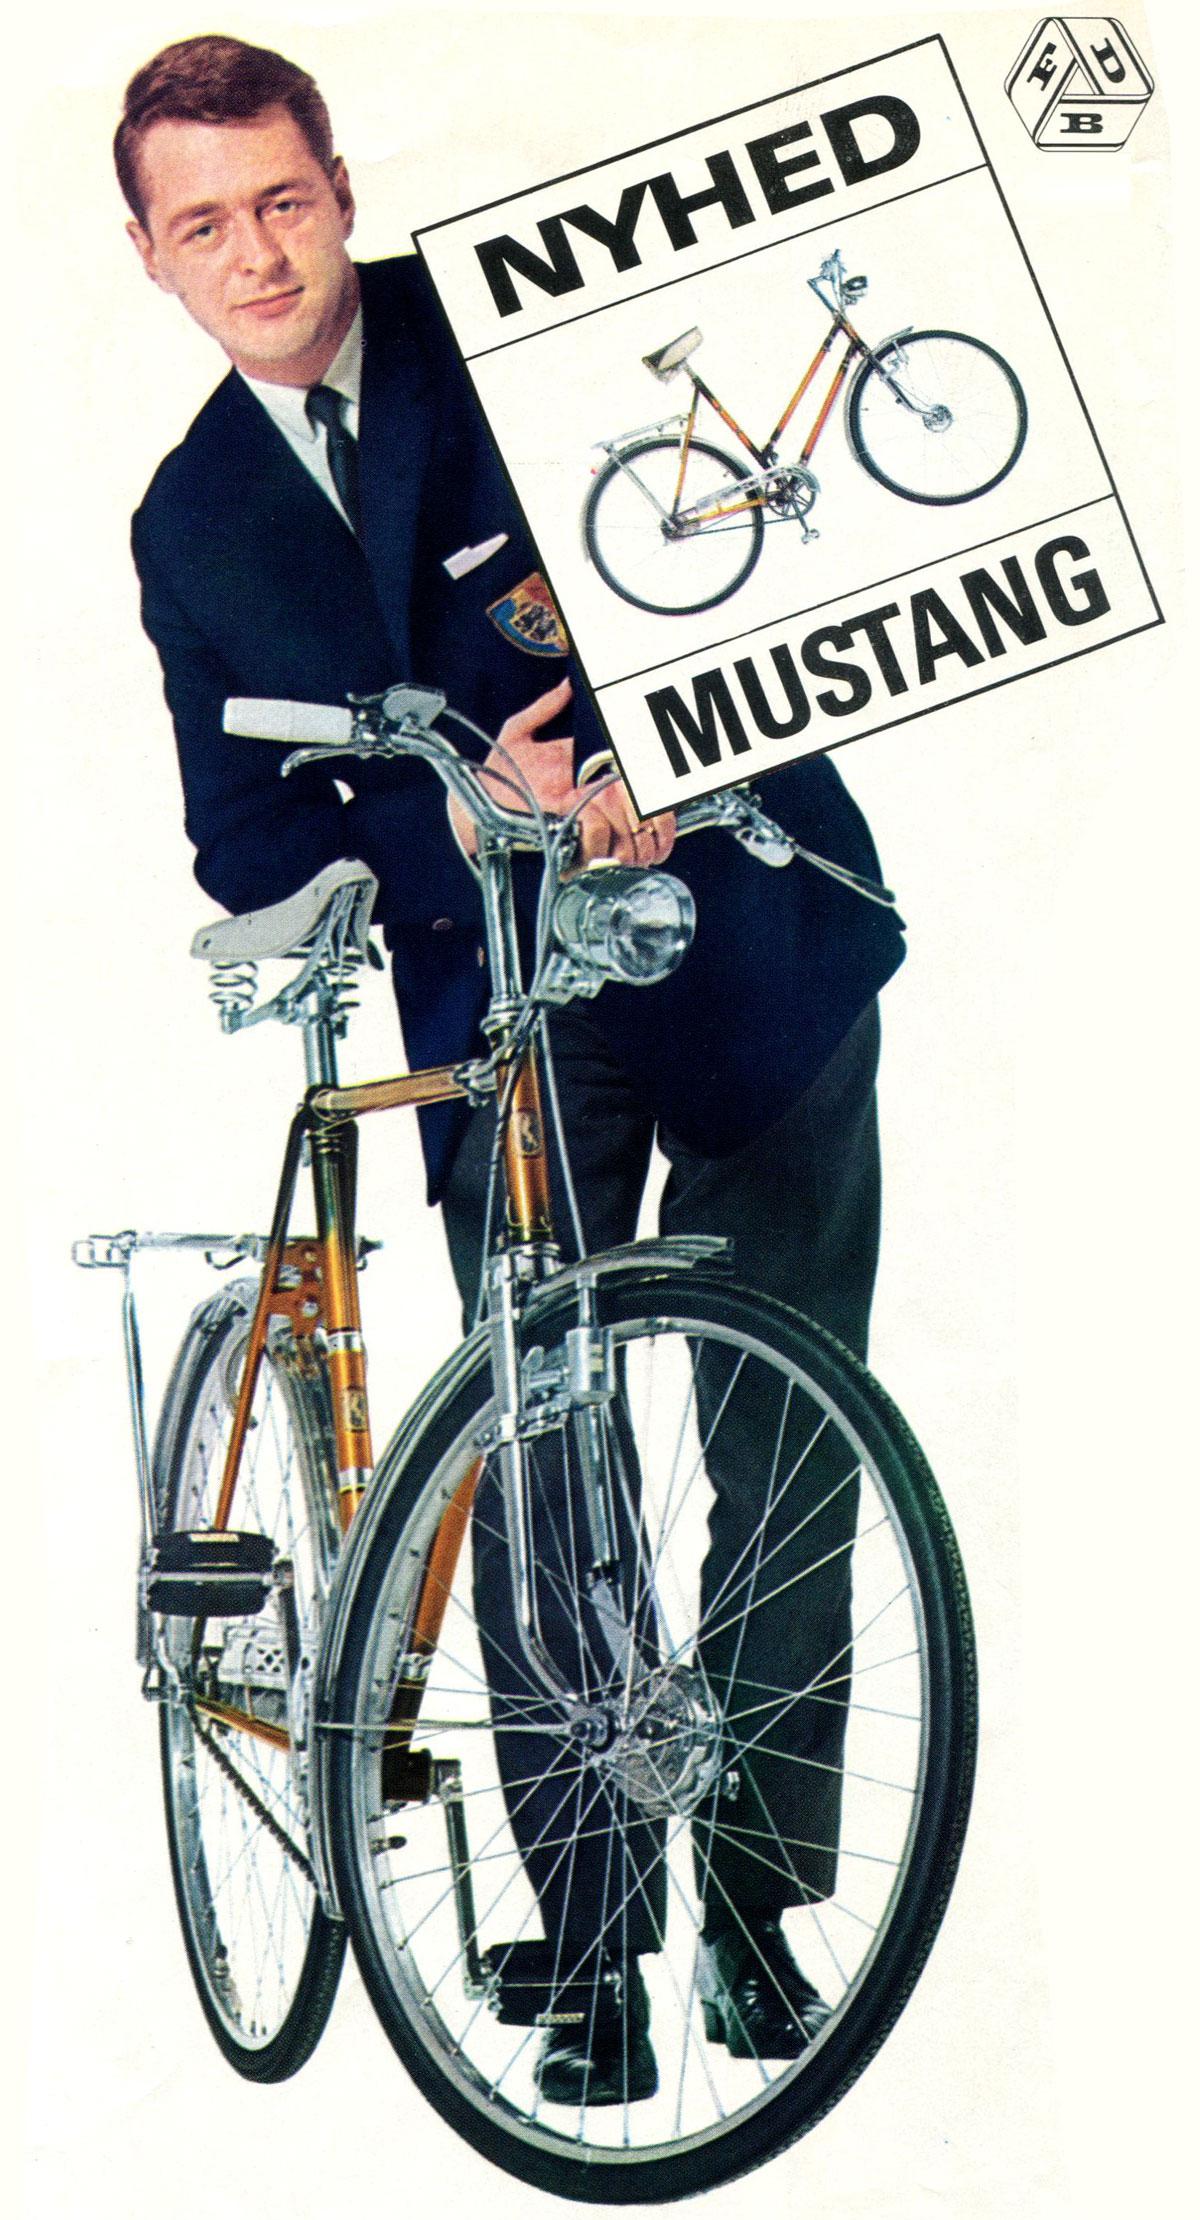 Retro cykelbillede 1 - Mustang Cykler